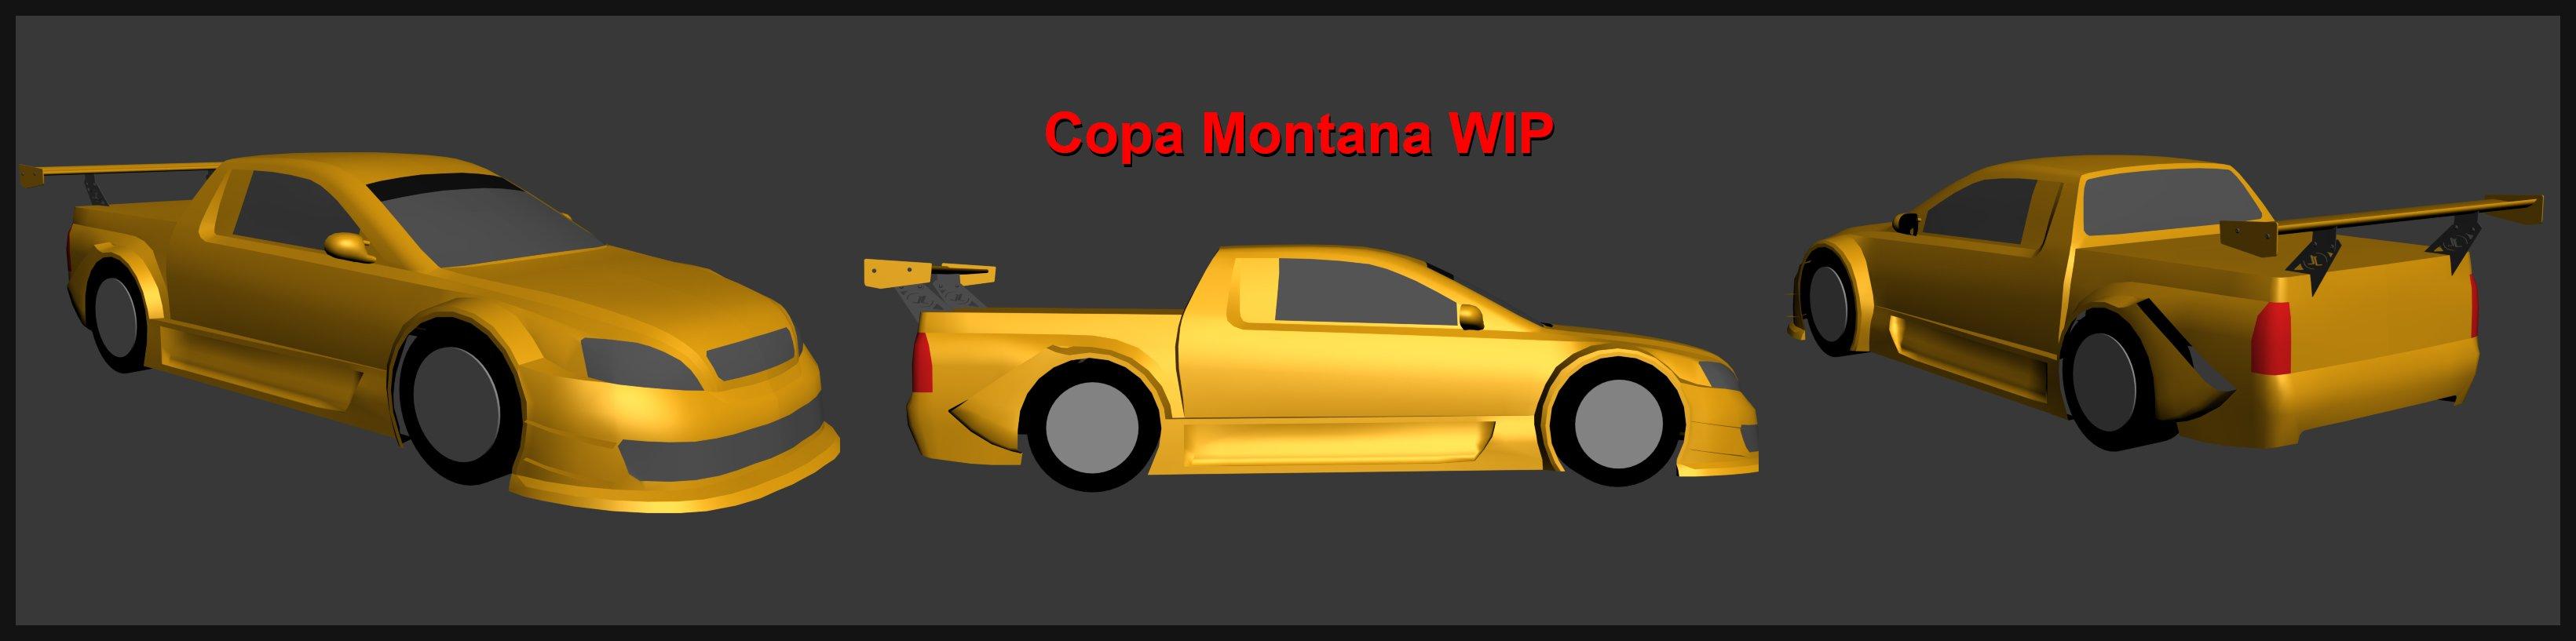 Automobilista Copa Montana